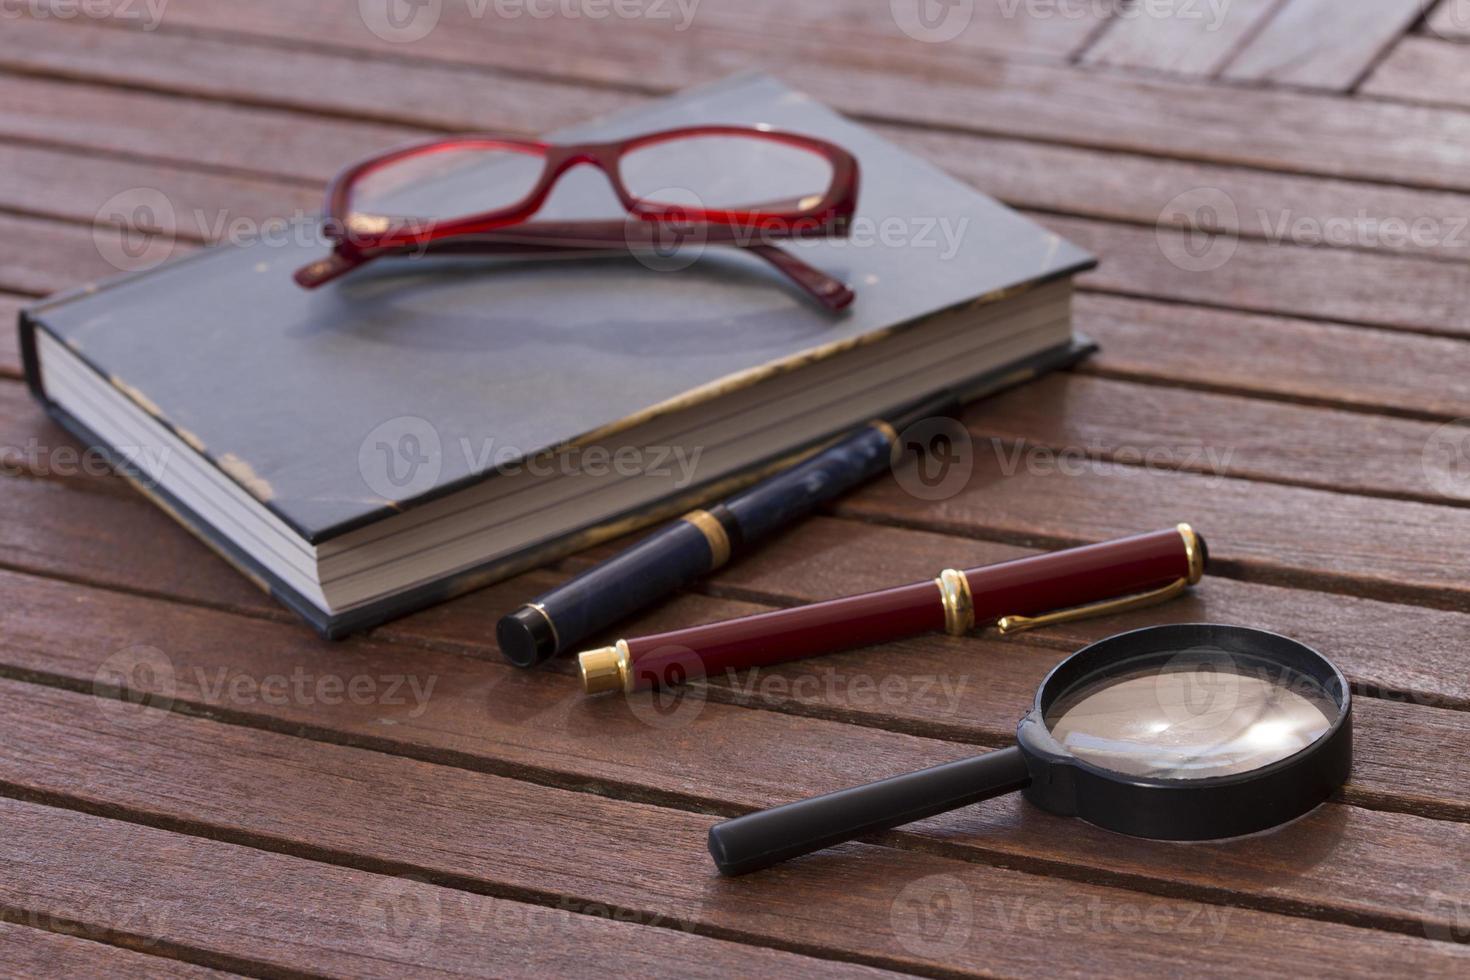 libro chiuso, occhiali rossi, stilografica e penna a sfera foto